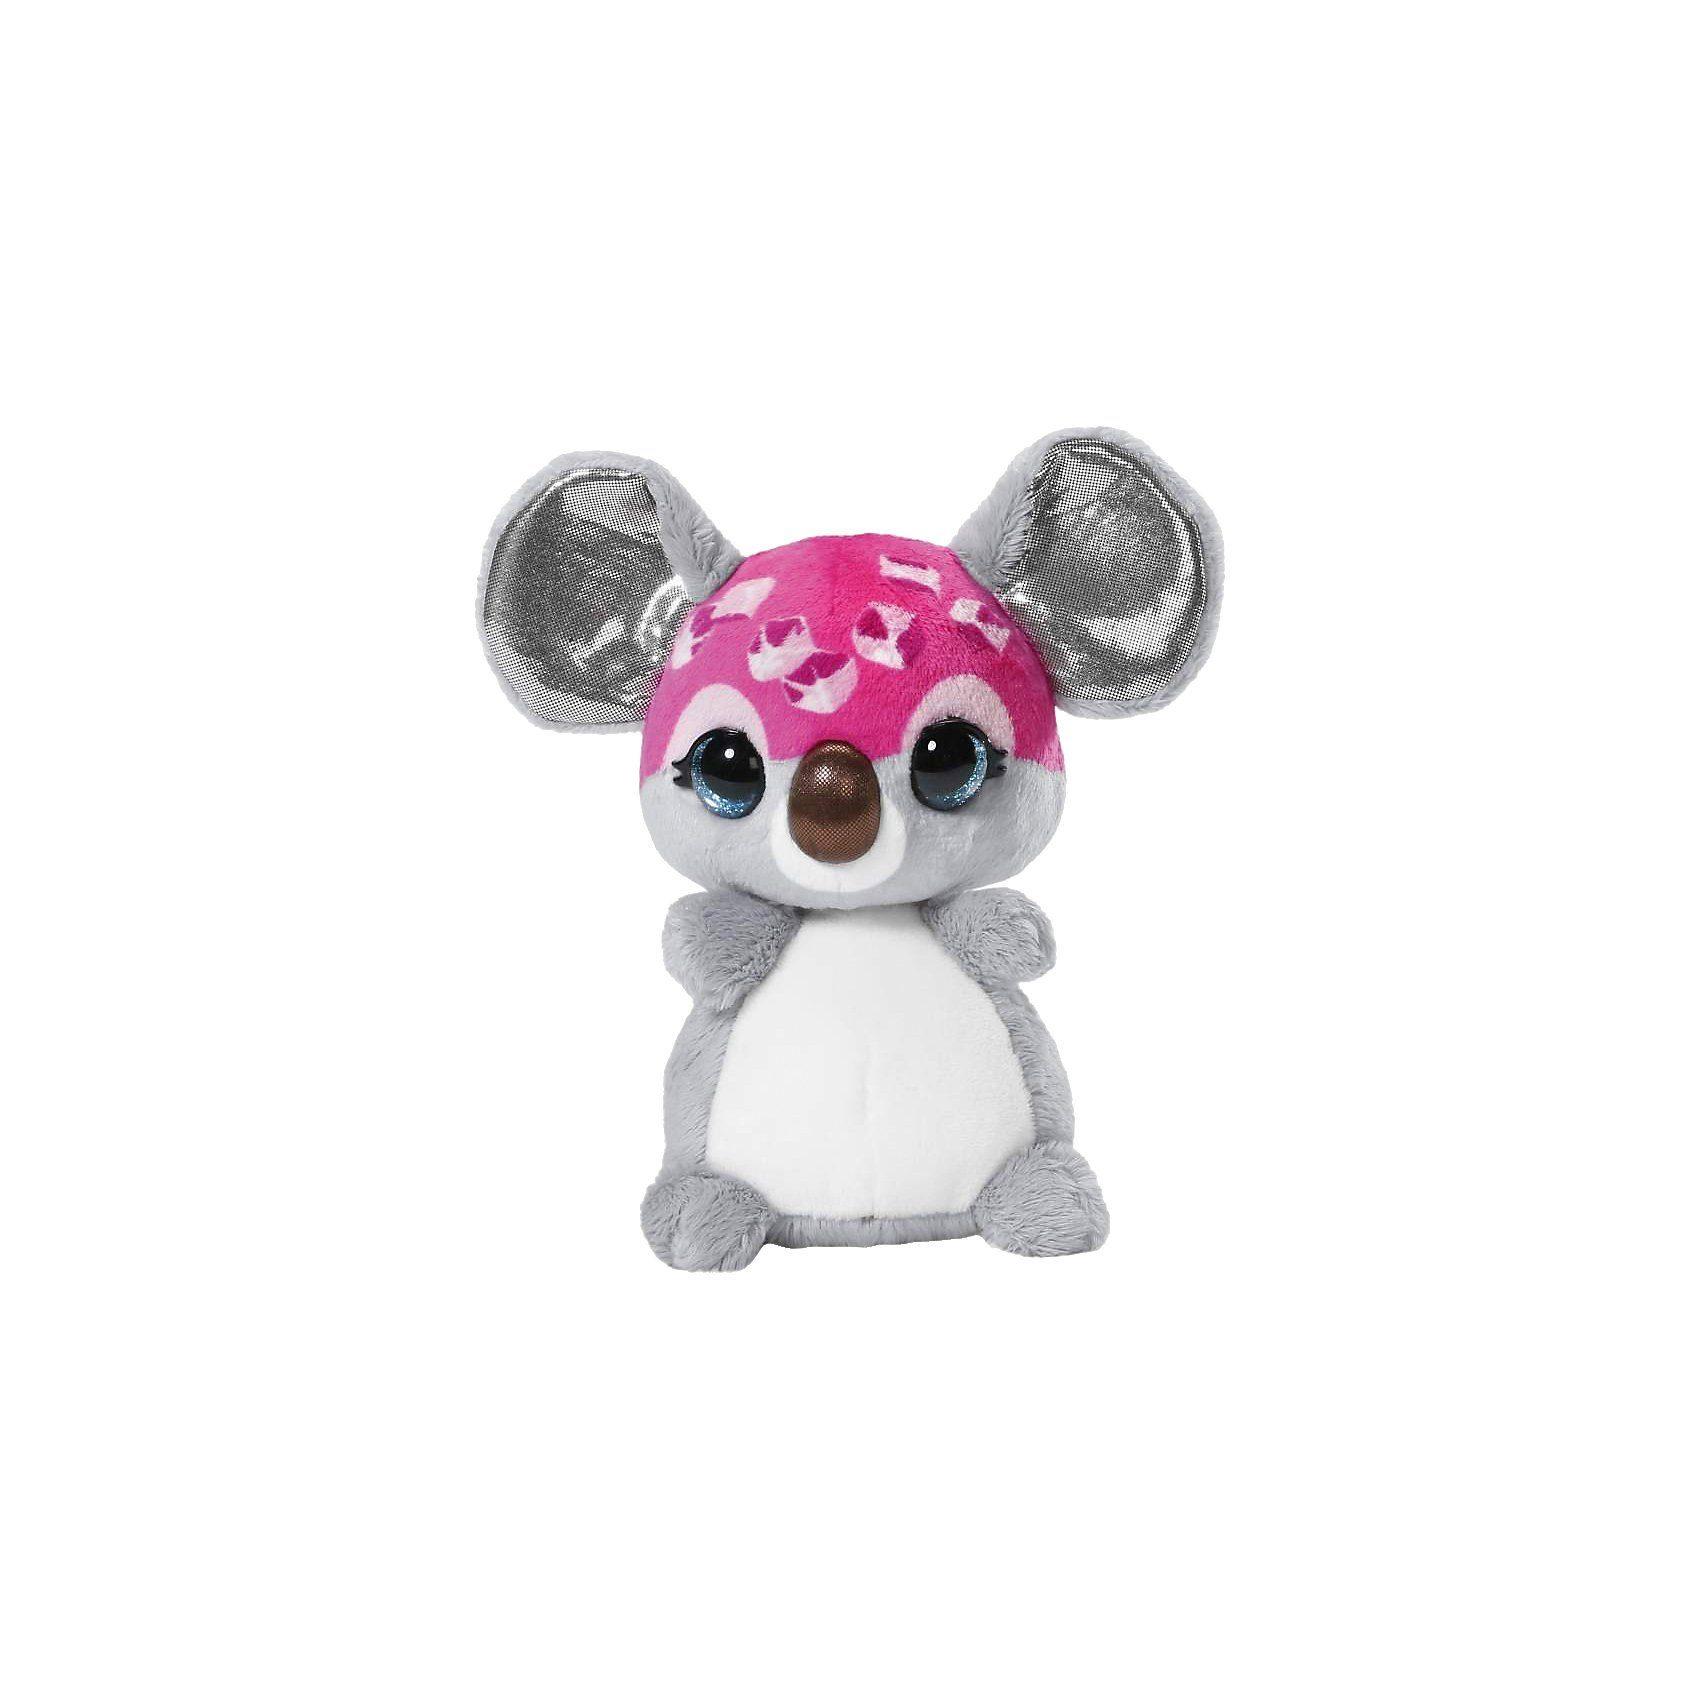 NICI Eiswürfel Koala Boffle classic 16cm (39000)